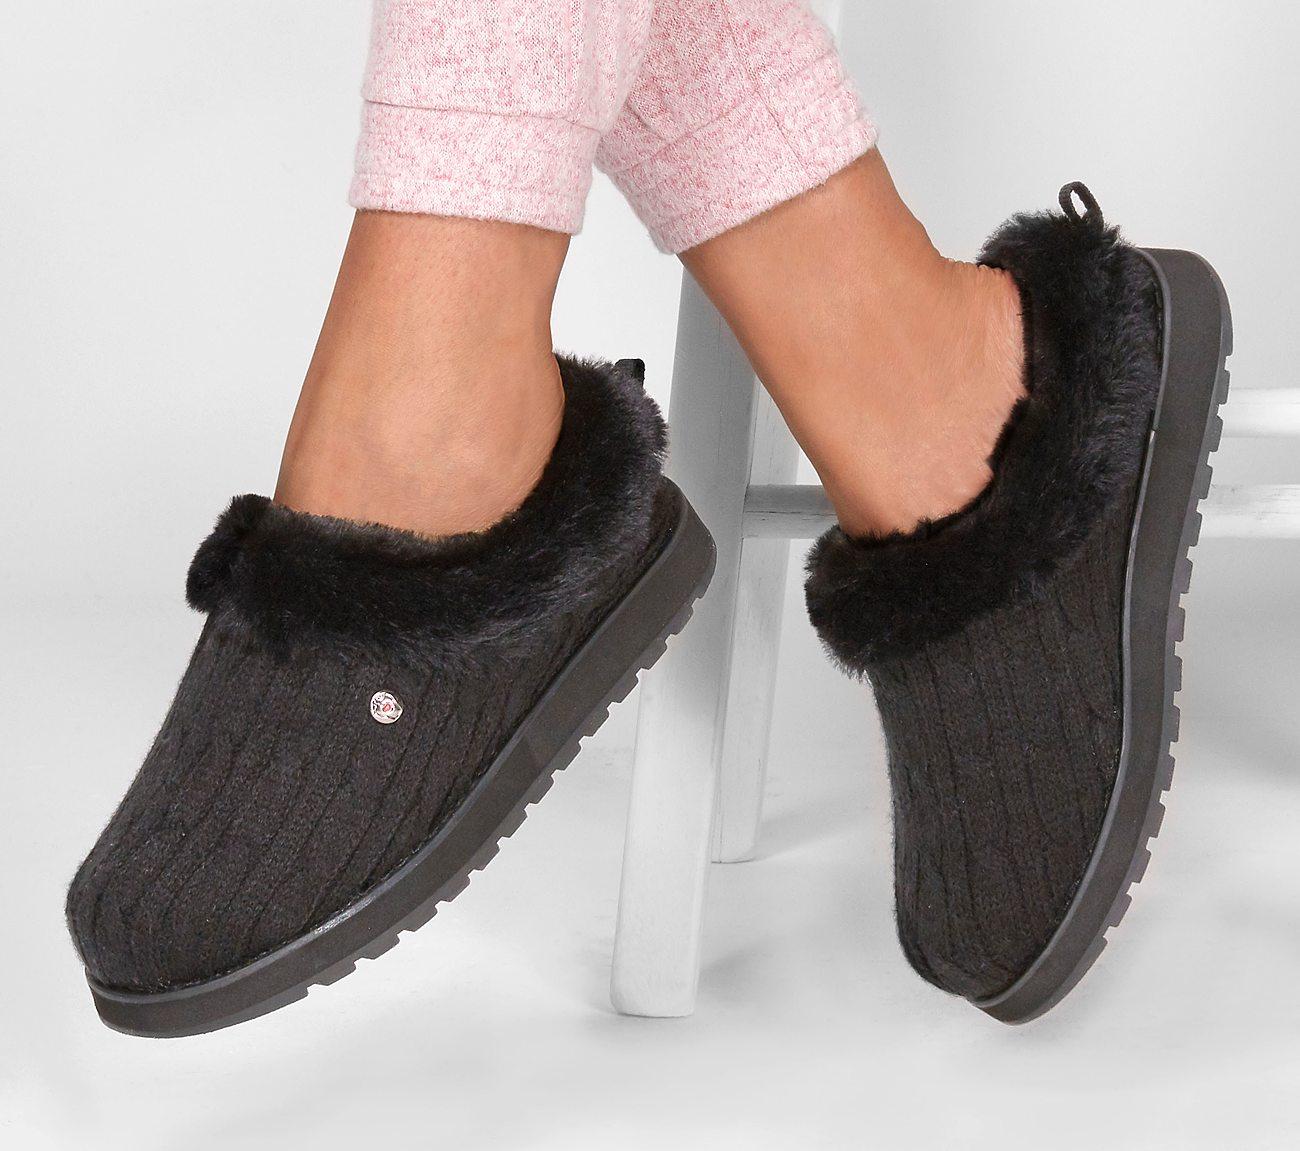 Ocho Melancolía Instalación  Buy SKECHERS Bobs Keepsakes - Ice Storm BOBS Shoes